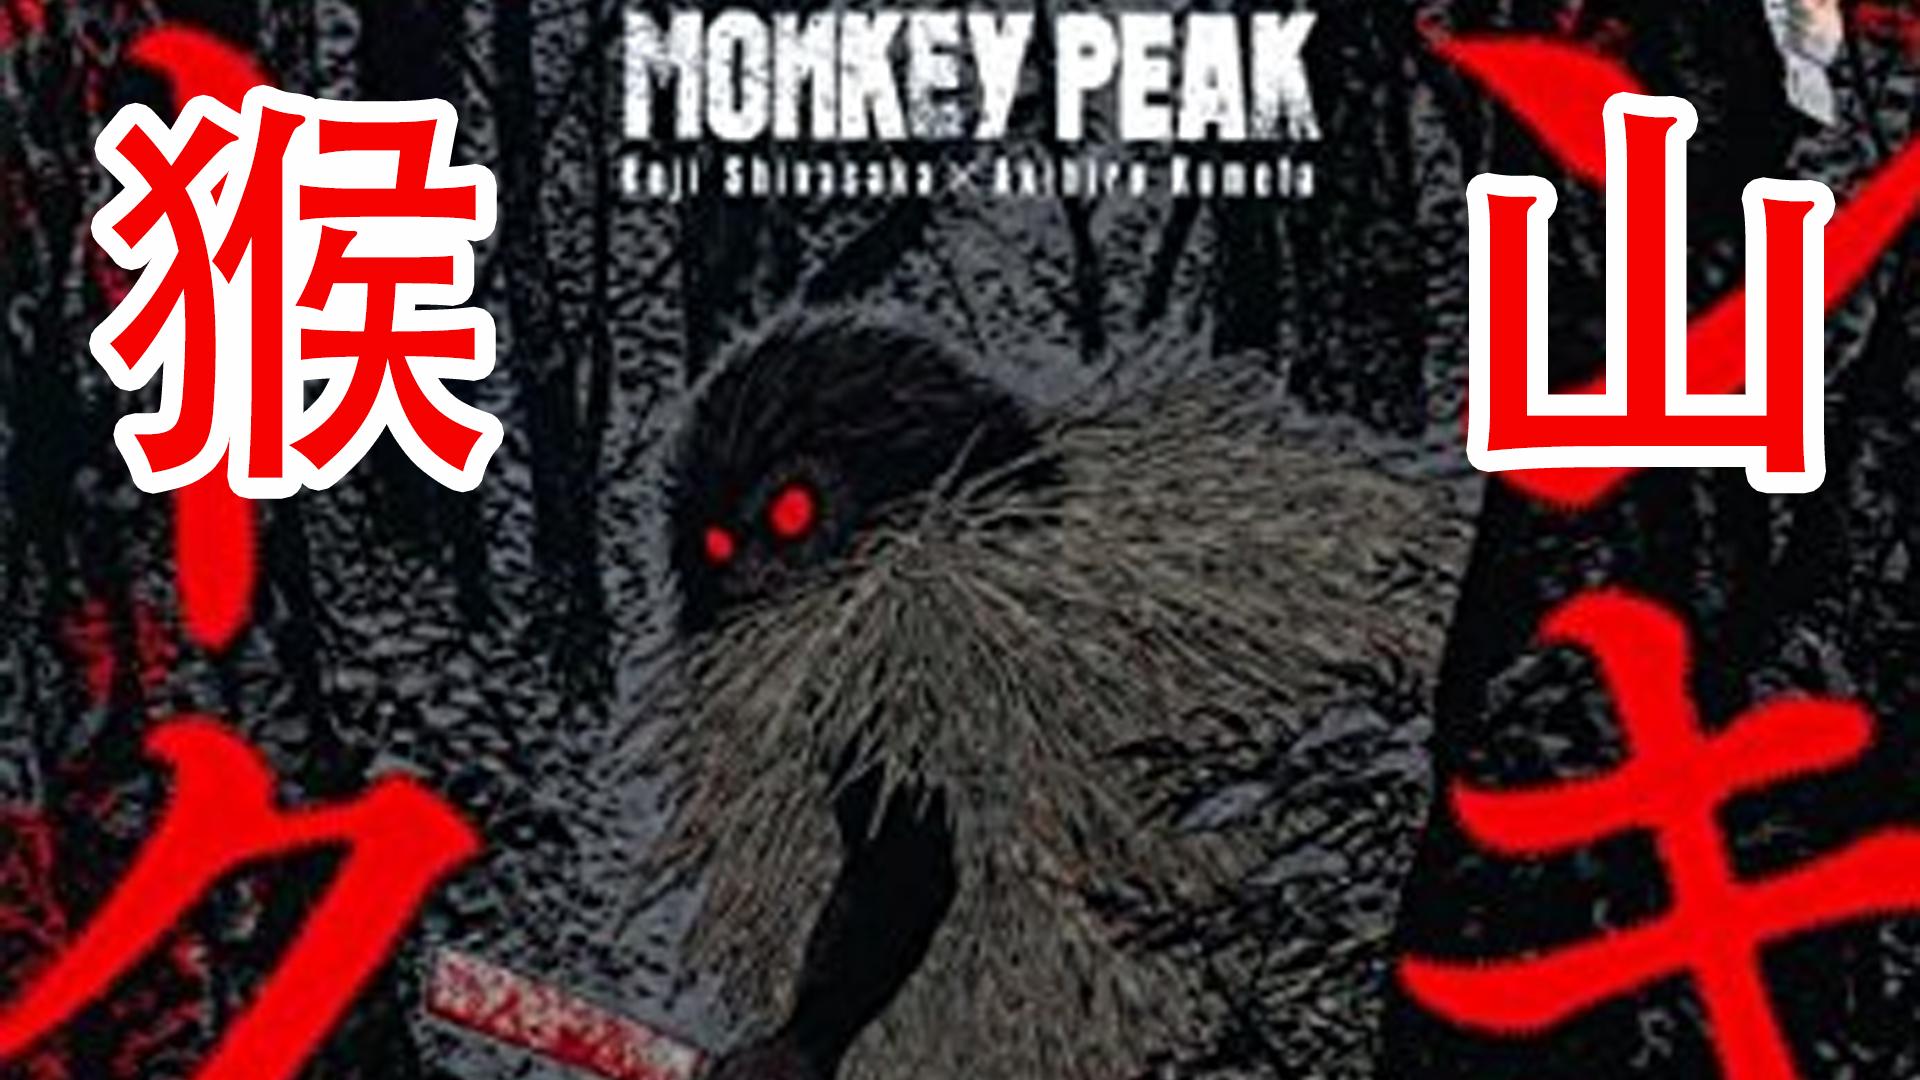 【剧情梳理】沙雕登山大逃杀《猿猴峰Monkey Peak》